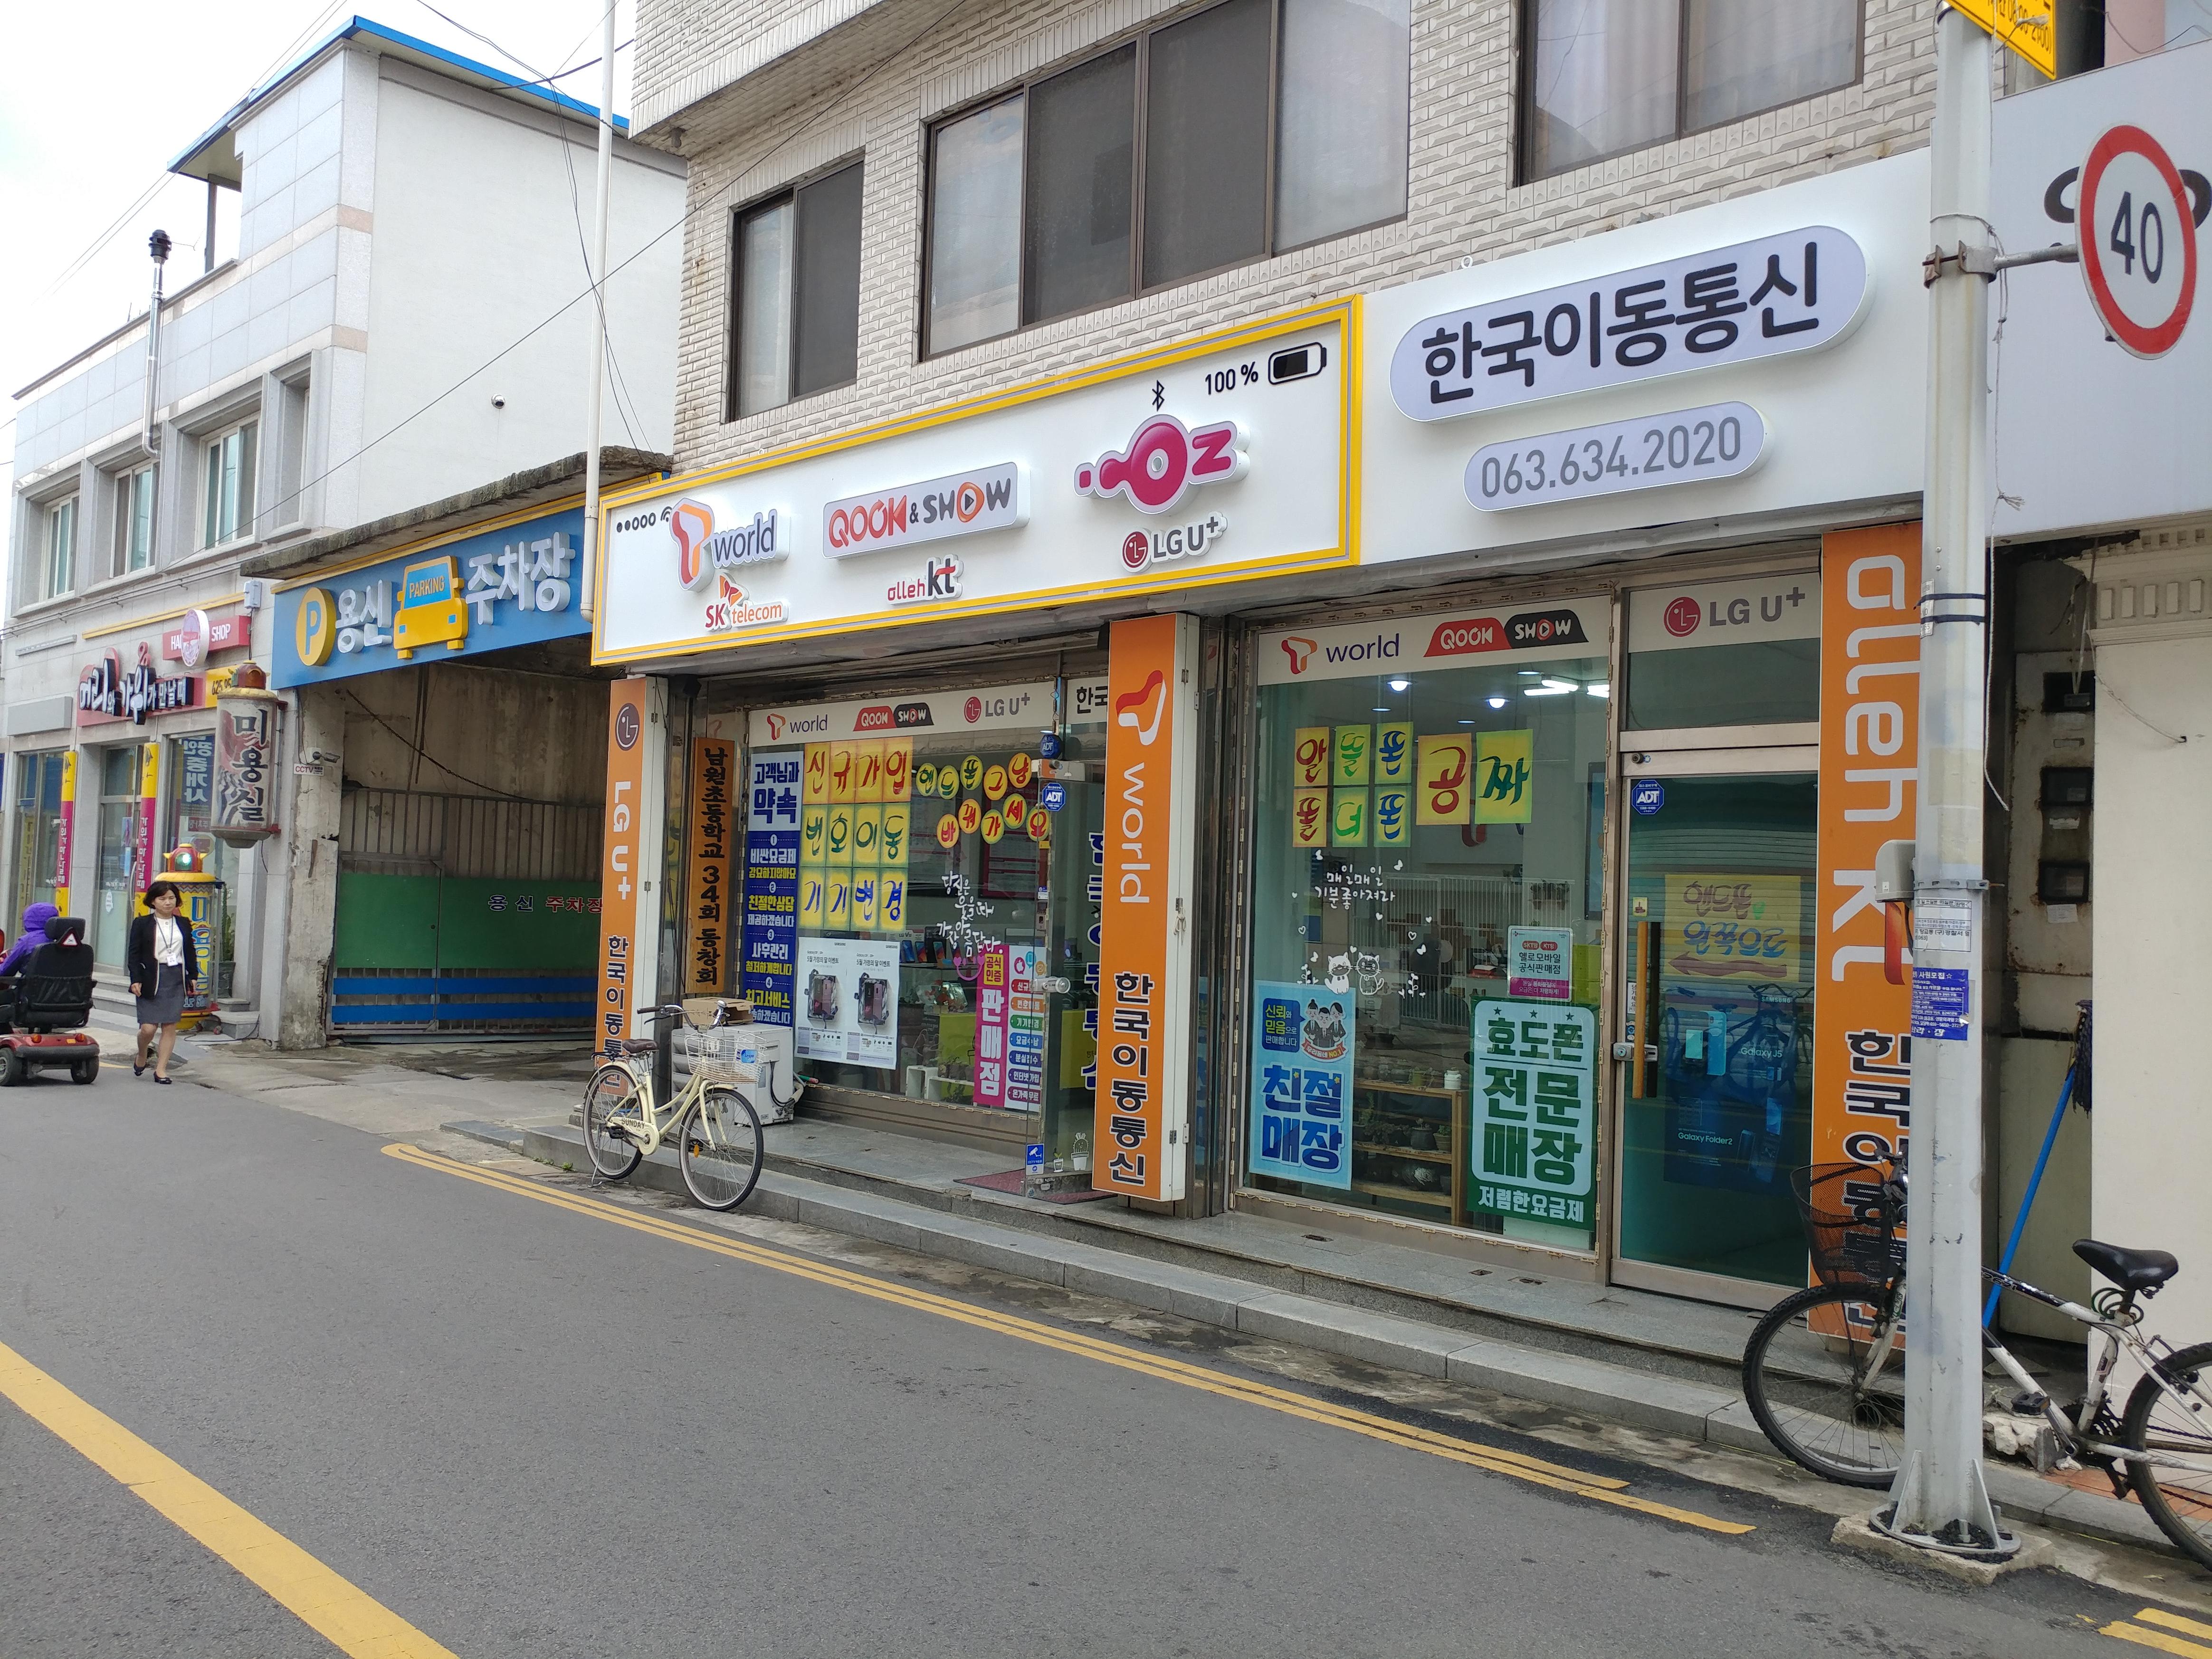 남원 광한루 간판개선사업 01